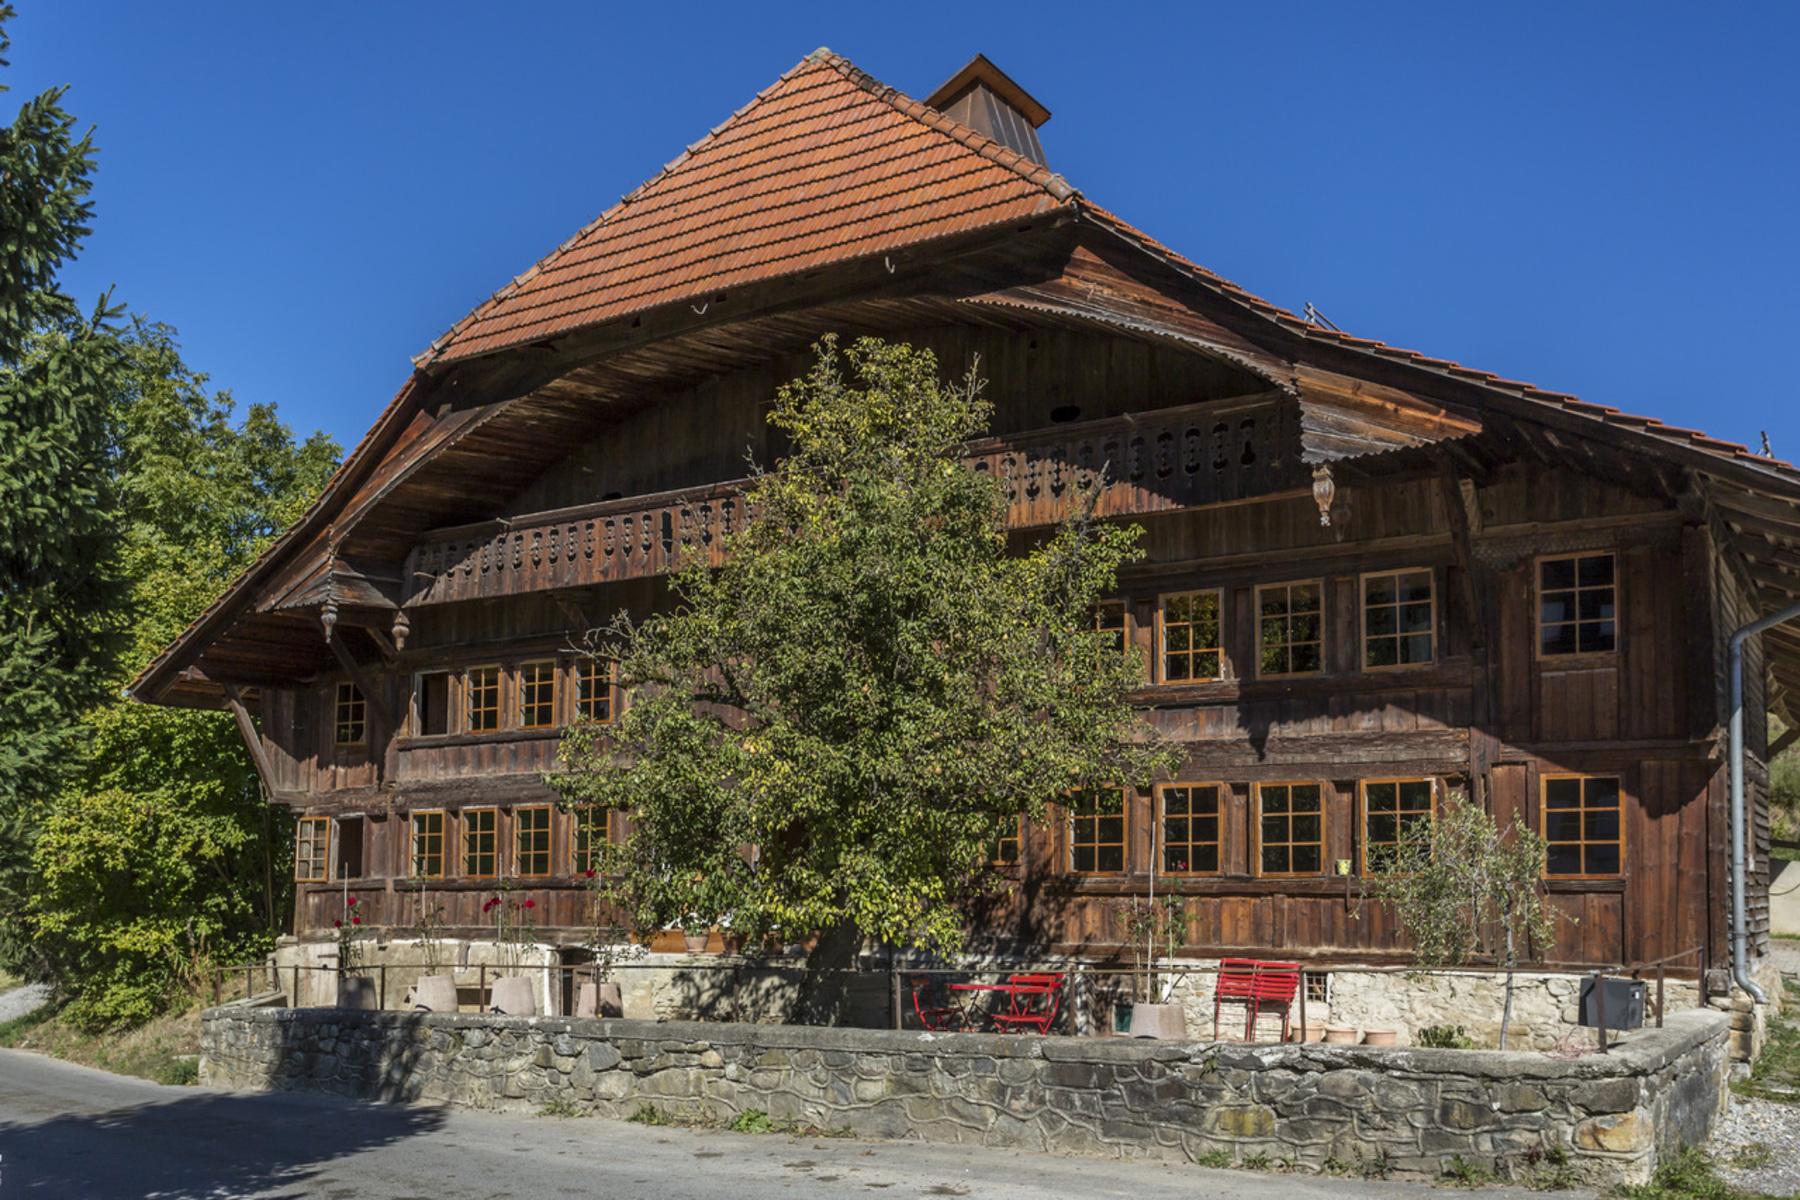 Fazenda / Rancho / Plantação para Venda às An authentic, historic farm with equestrian facilities Le Mouret, Le Mouret, Friburgo, 1724 Suíça